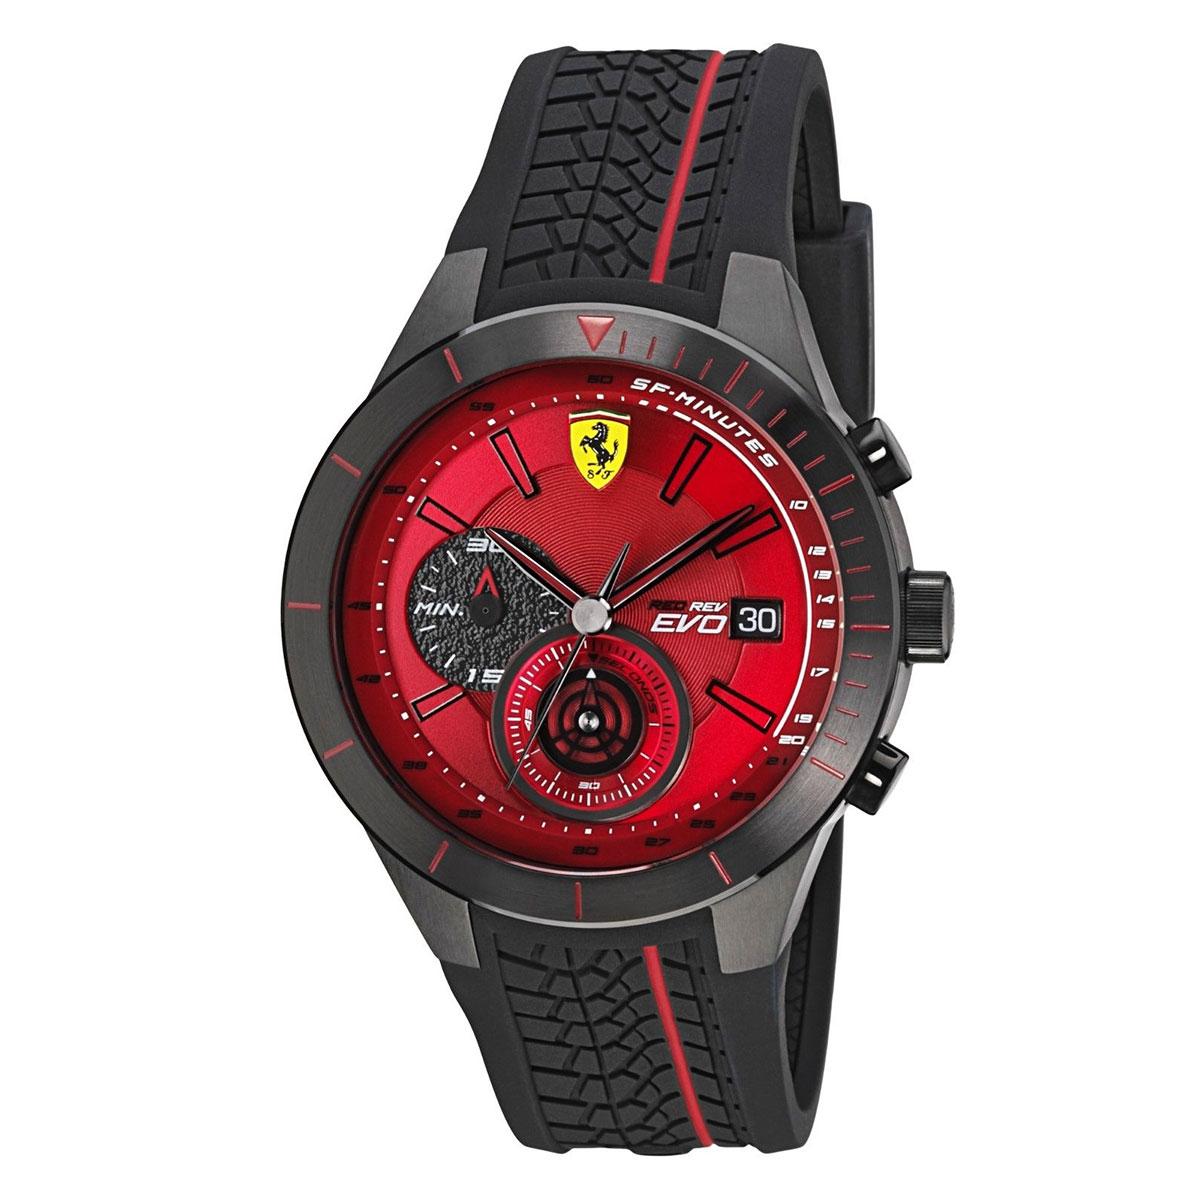 นาฬิกาผู้ชาย Ferrari รุ่น 0830343, RedRev Evo